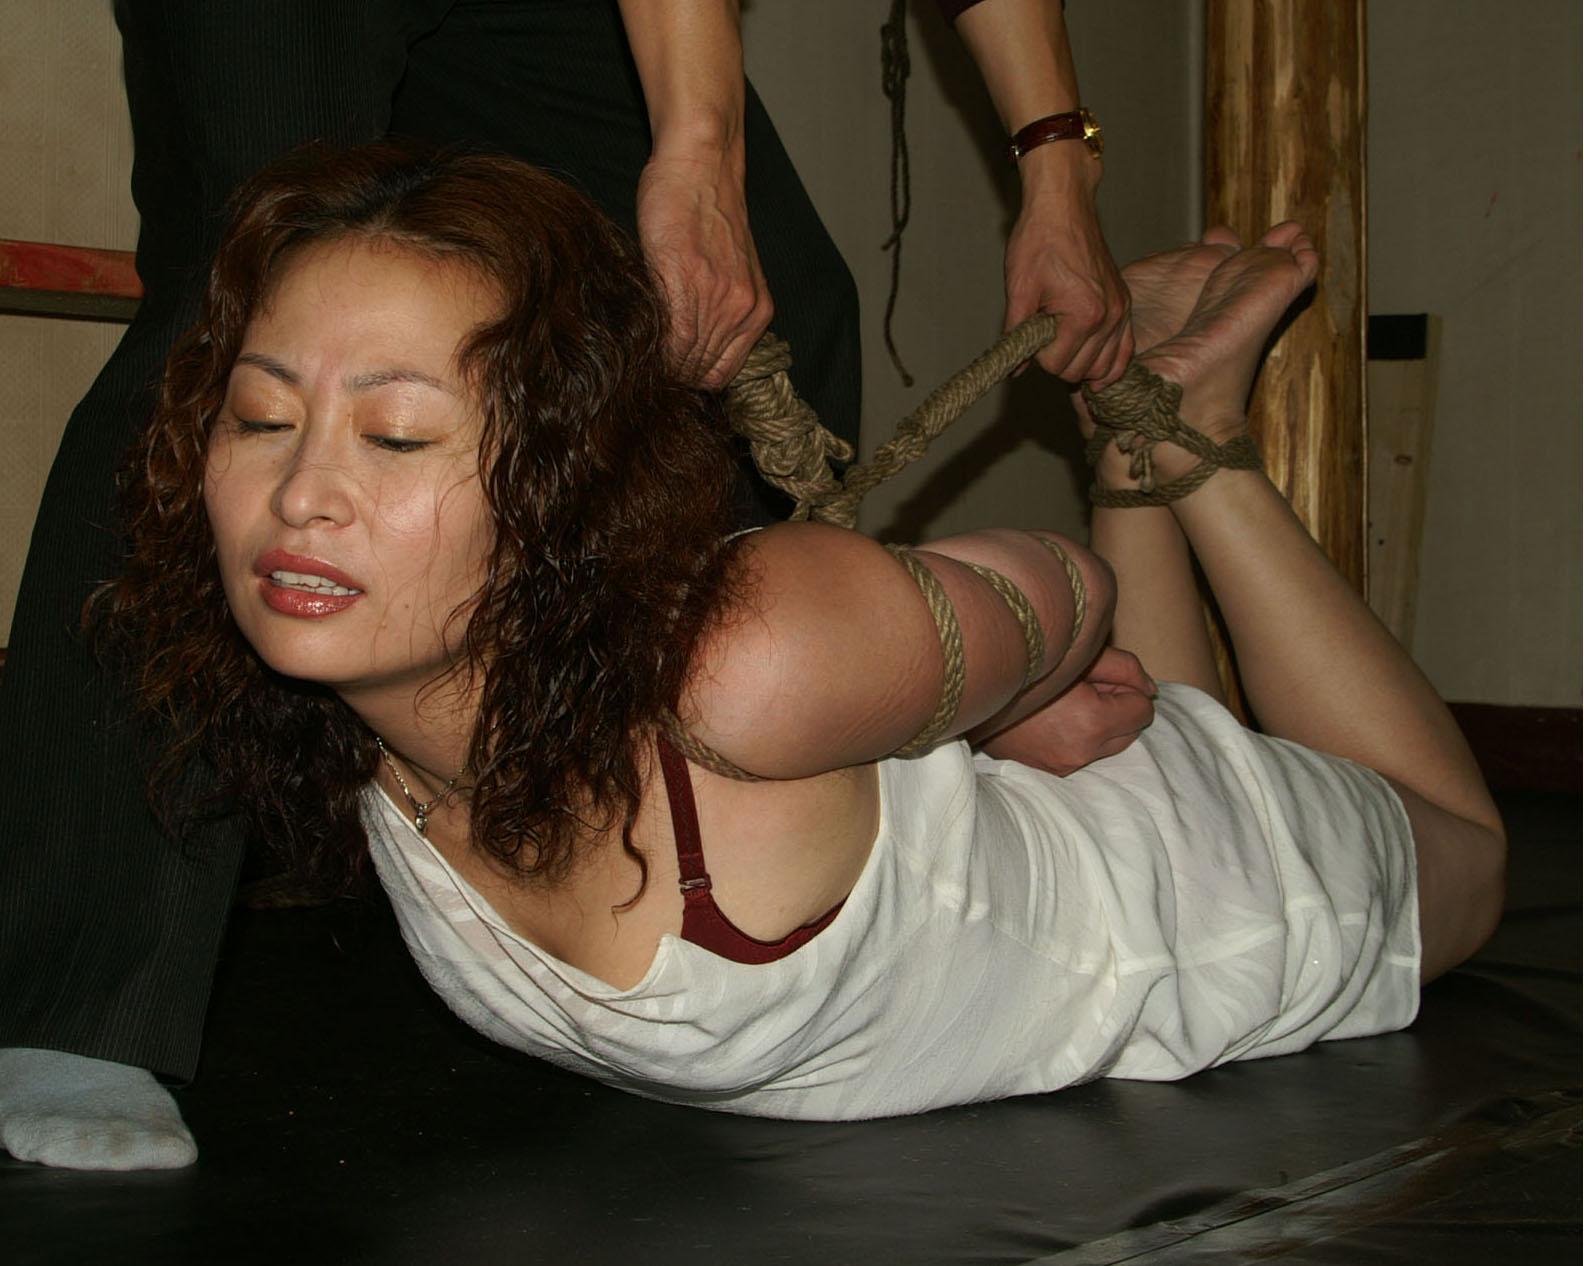 【SM緊縛画像】緊縛アートの世界 逆海老縛りされるM女 08